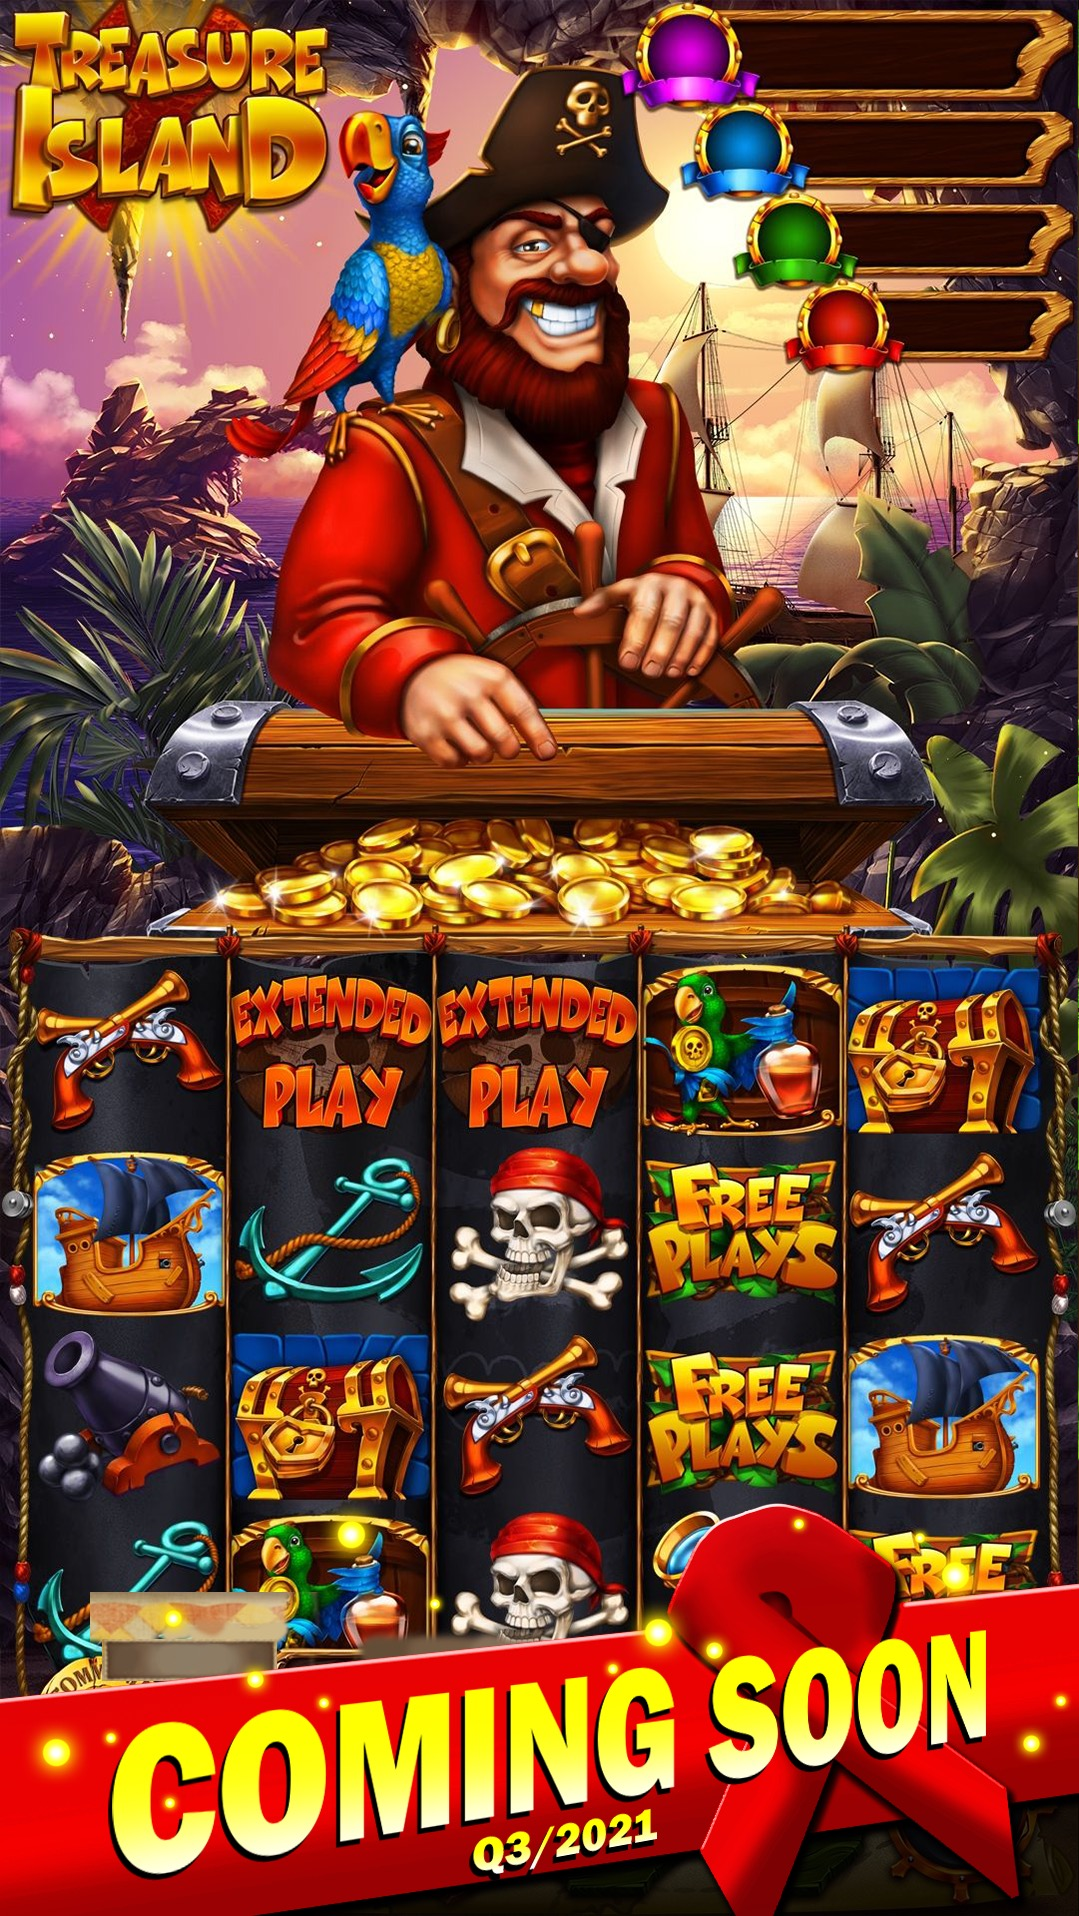 Treasure Island Pull Tab Game